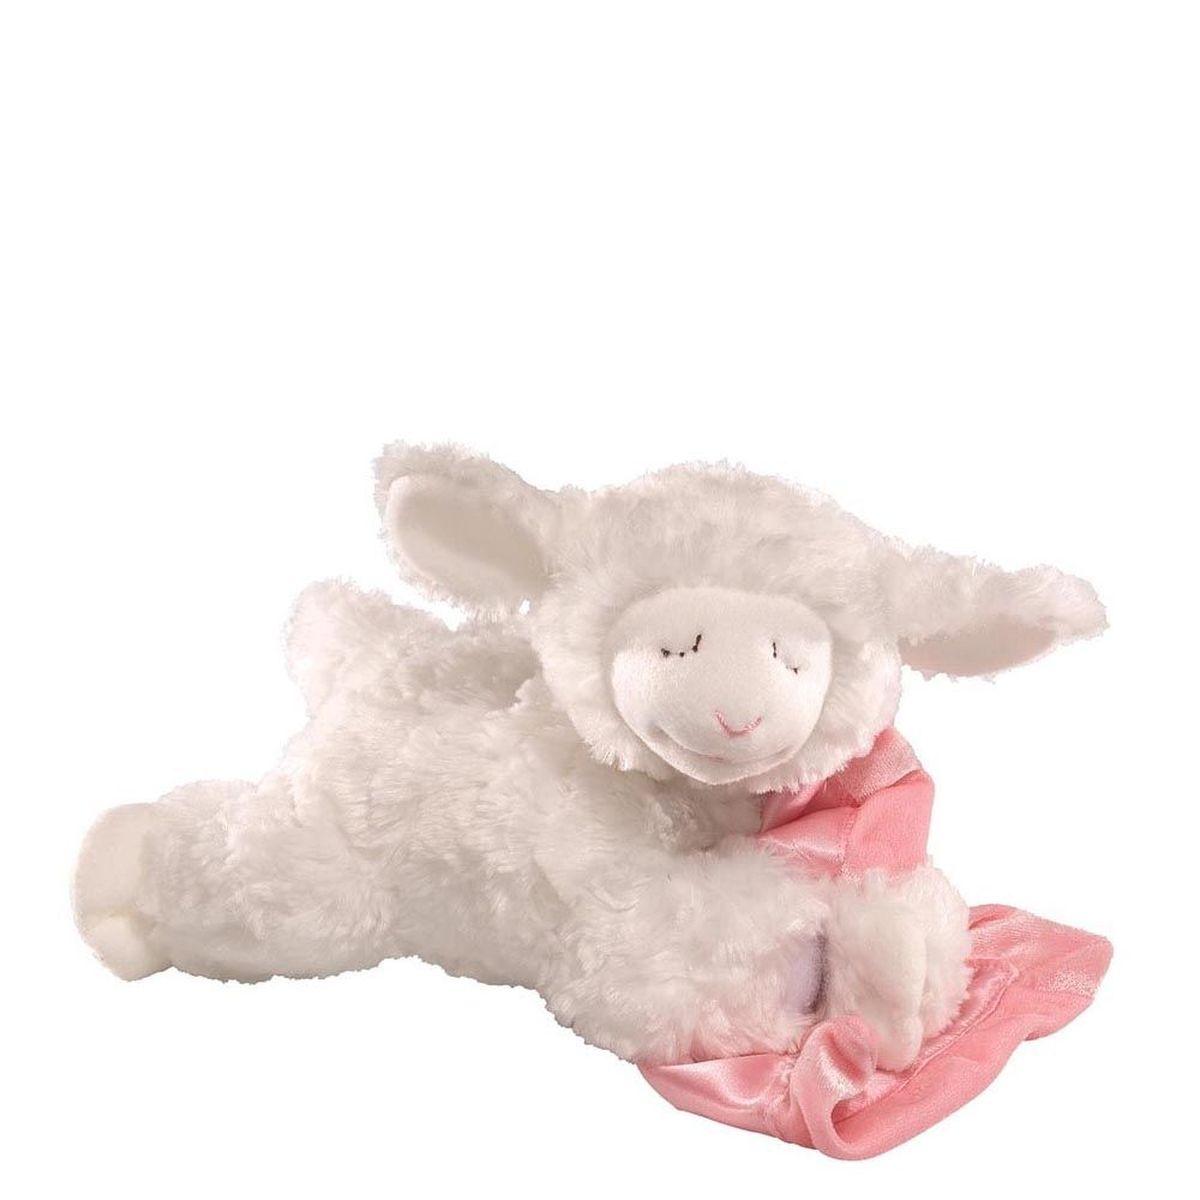 Gund Мягкая игрушка Prayer Winky Lamb Pink 15 см gund мягкая игрушка perry bear 40 5 см